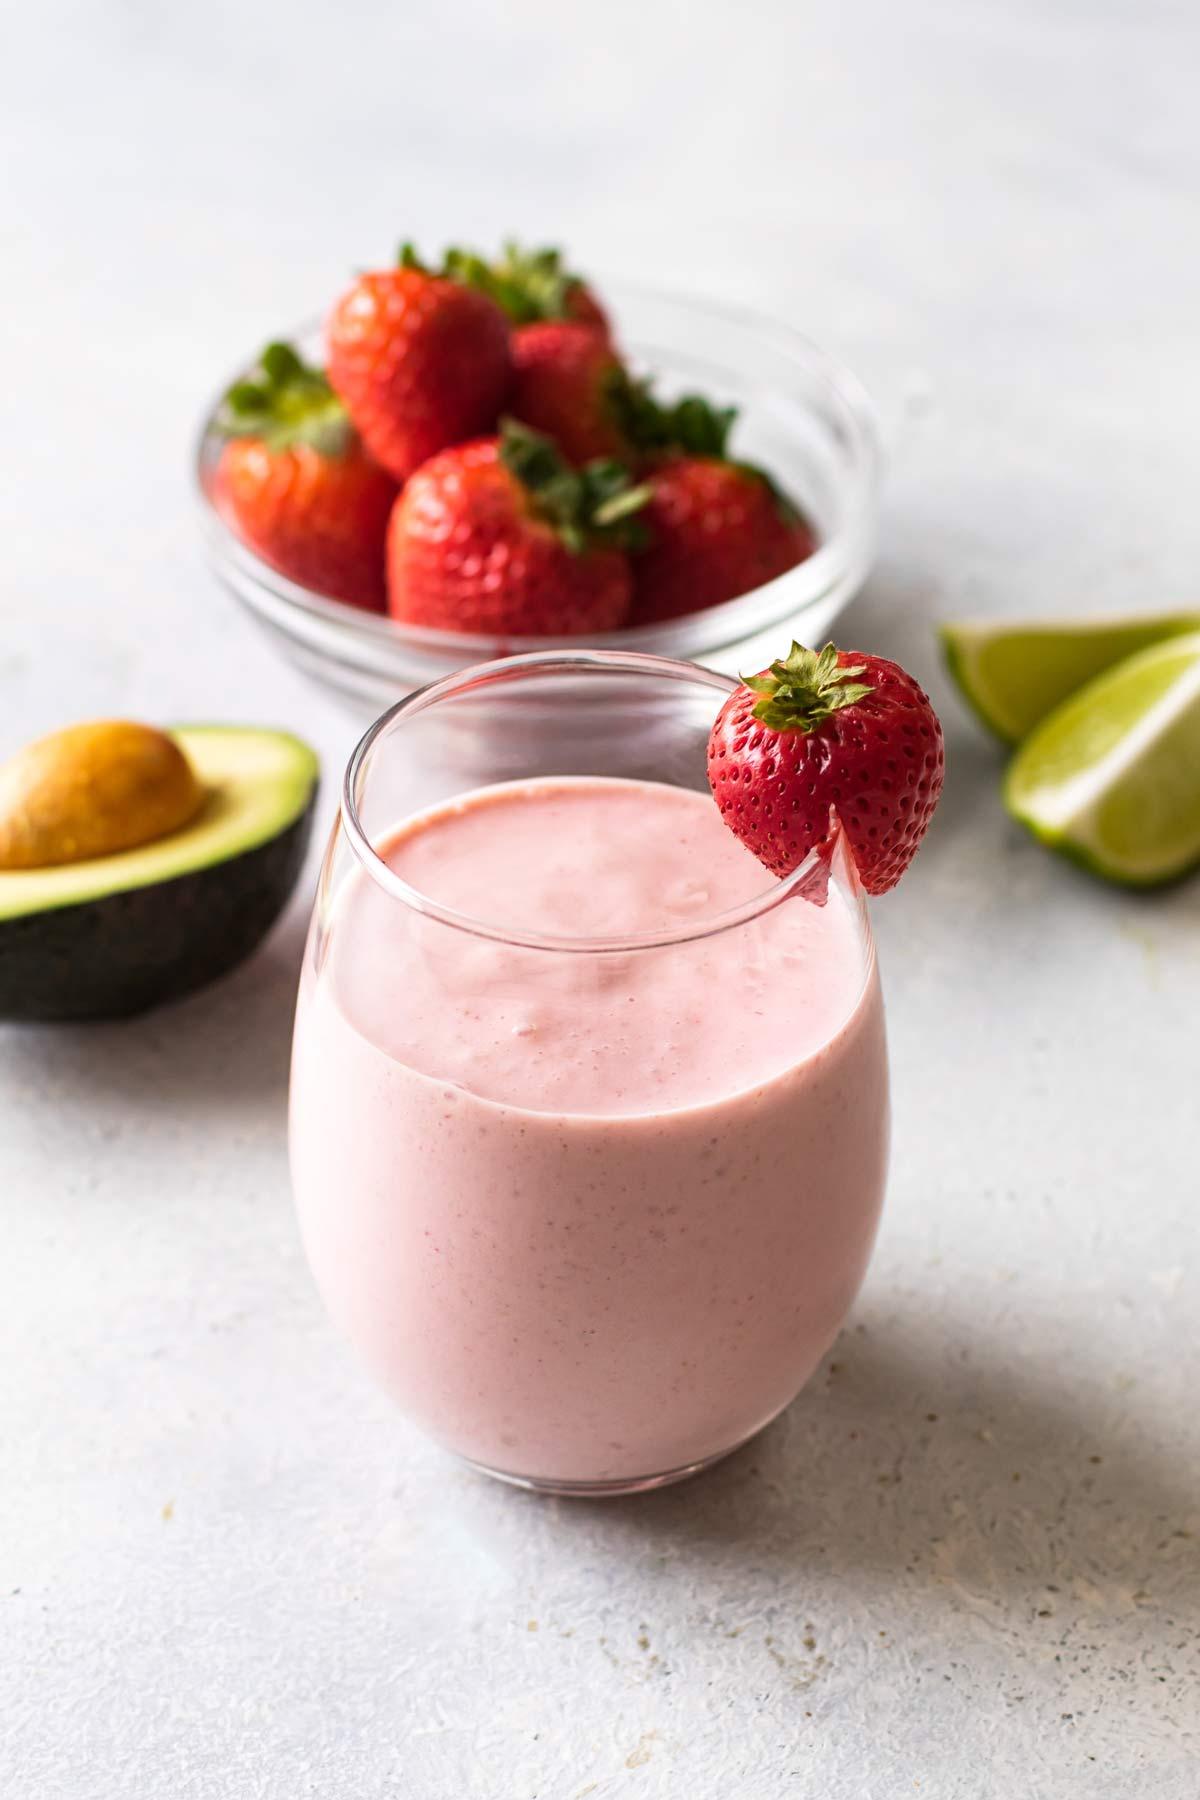 Image result for avocado strawberry smoothie